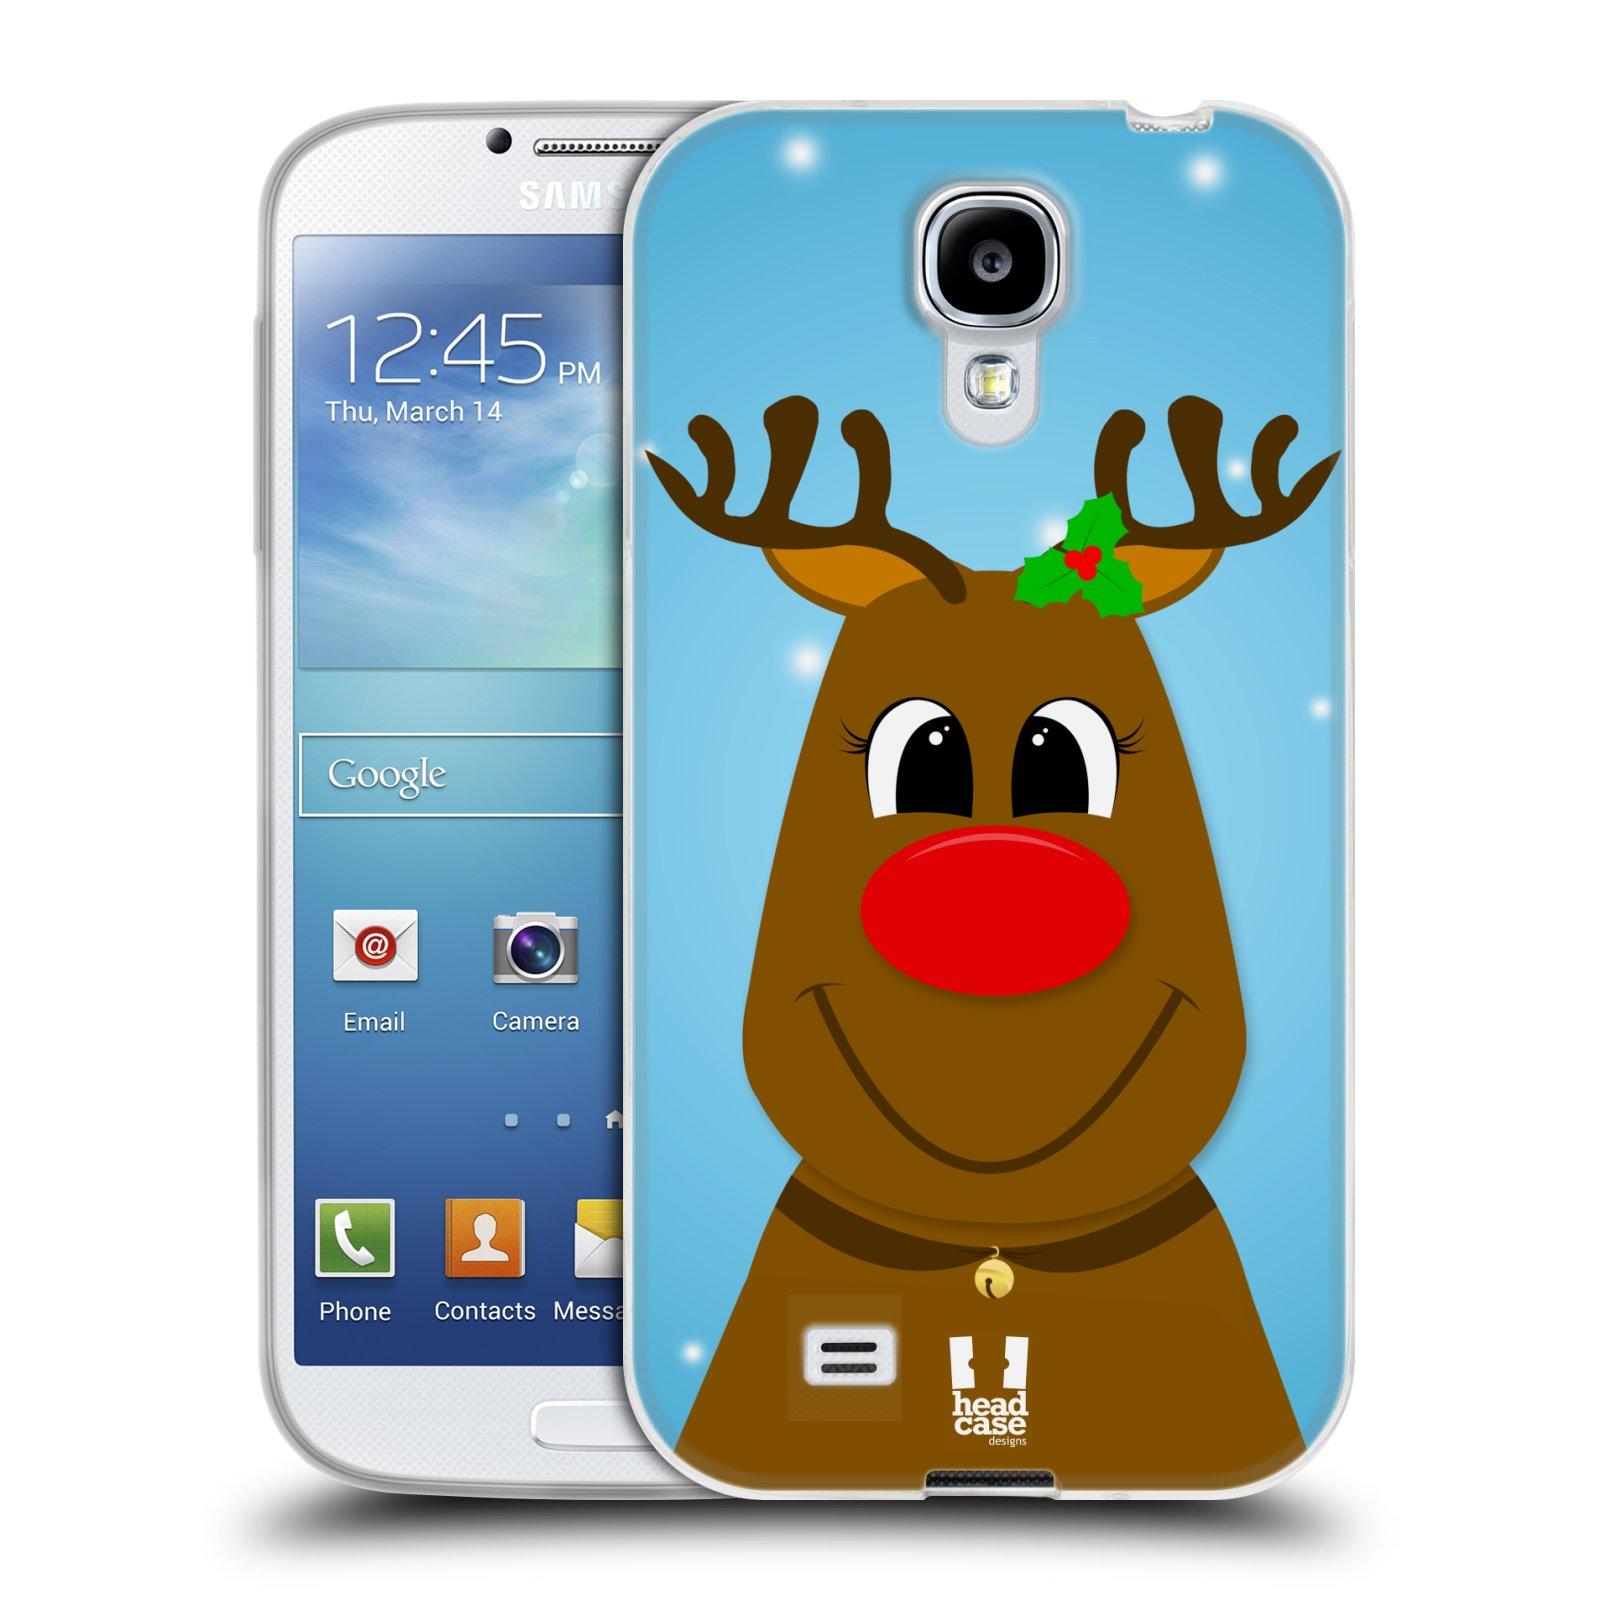 Silikonové pouzdro na mobil Samsung Galaxy S4 HEAD CASE VÁNOCE RUDOLF SOB (Silikonový kryt či obal na mobilní telefon Samsung Galaxy S4 GT-i9505 / i9500)